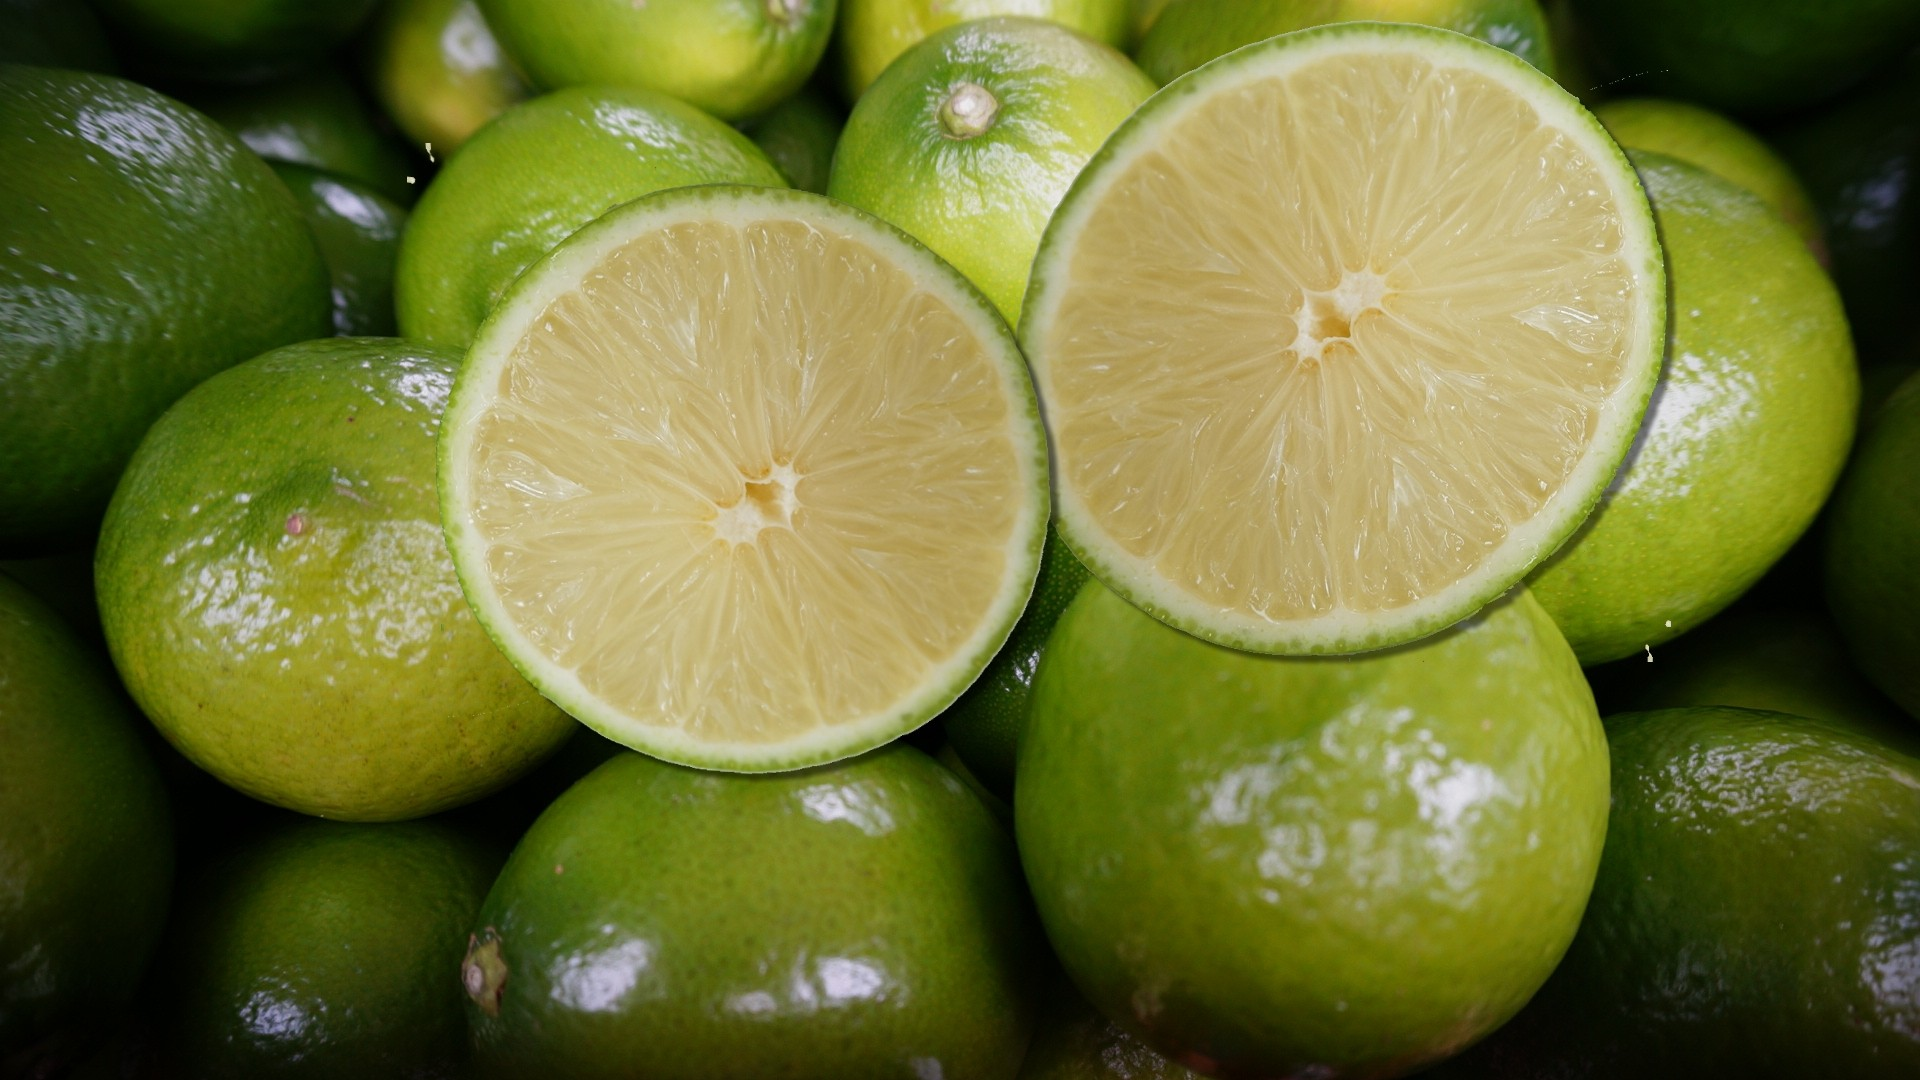 南投A級無籽檸檬 | 特級無子檸檬 | 特級無籽檸檬(5斤裝)&